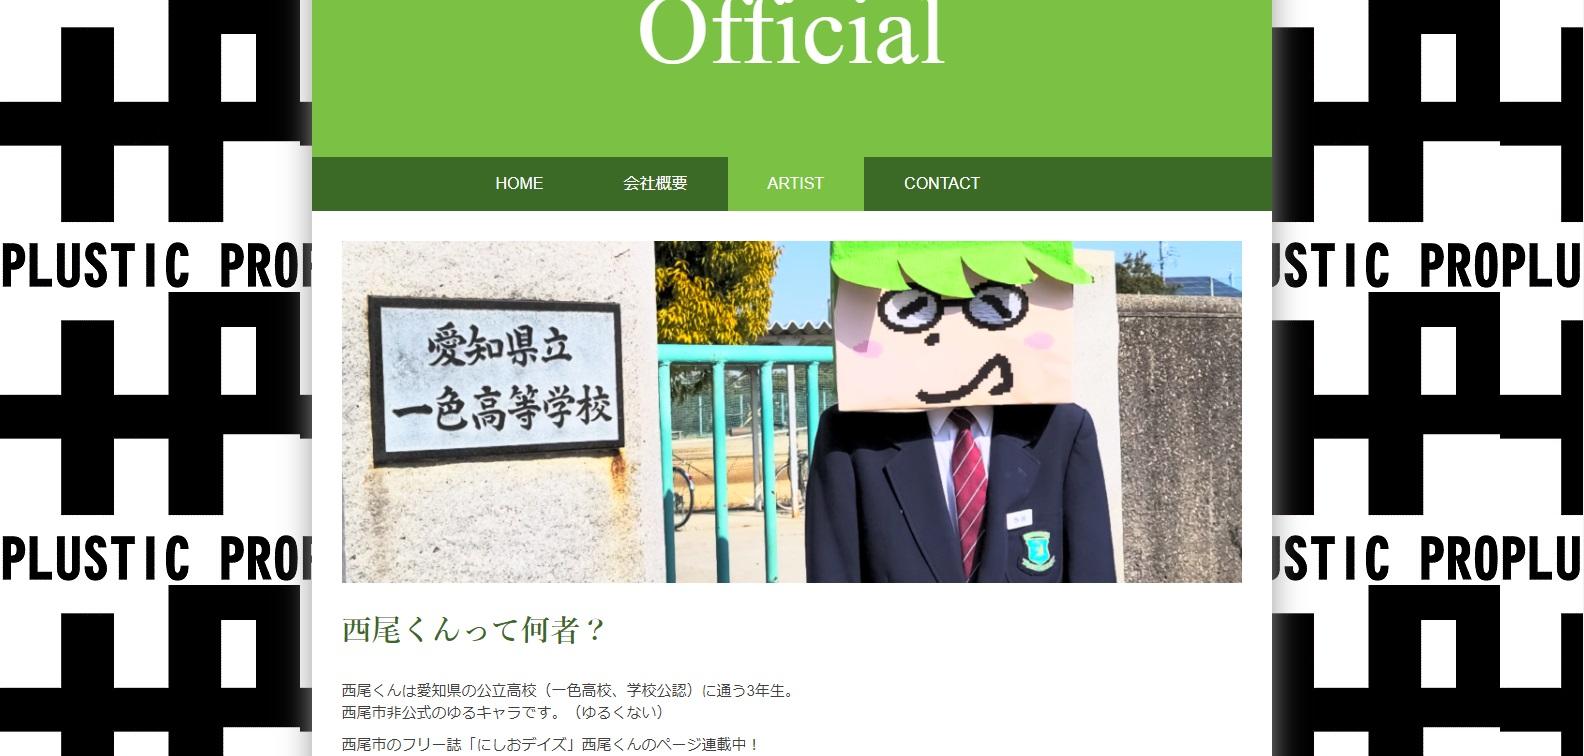 『西尾くん』が「愛知県 今、注目のご当地キャラクター」の項目で第1位を獲得!